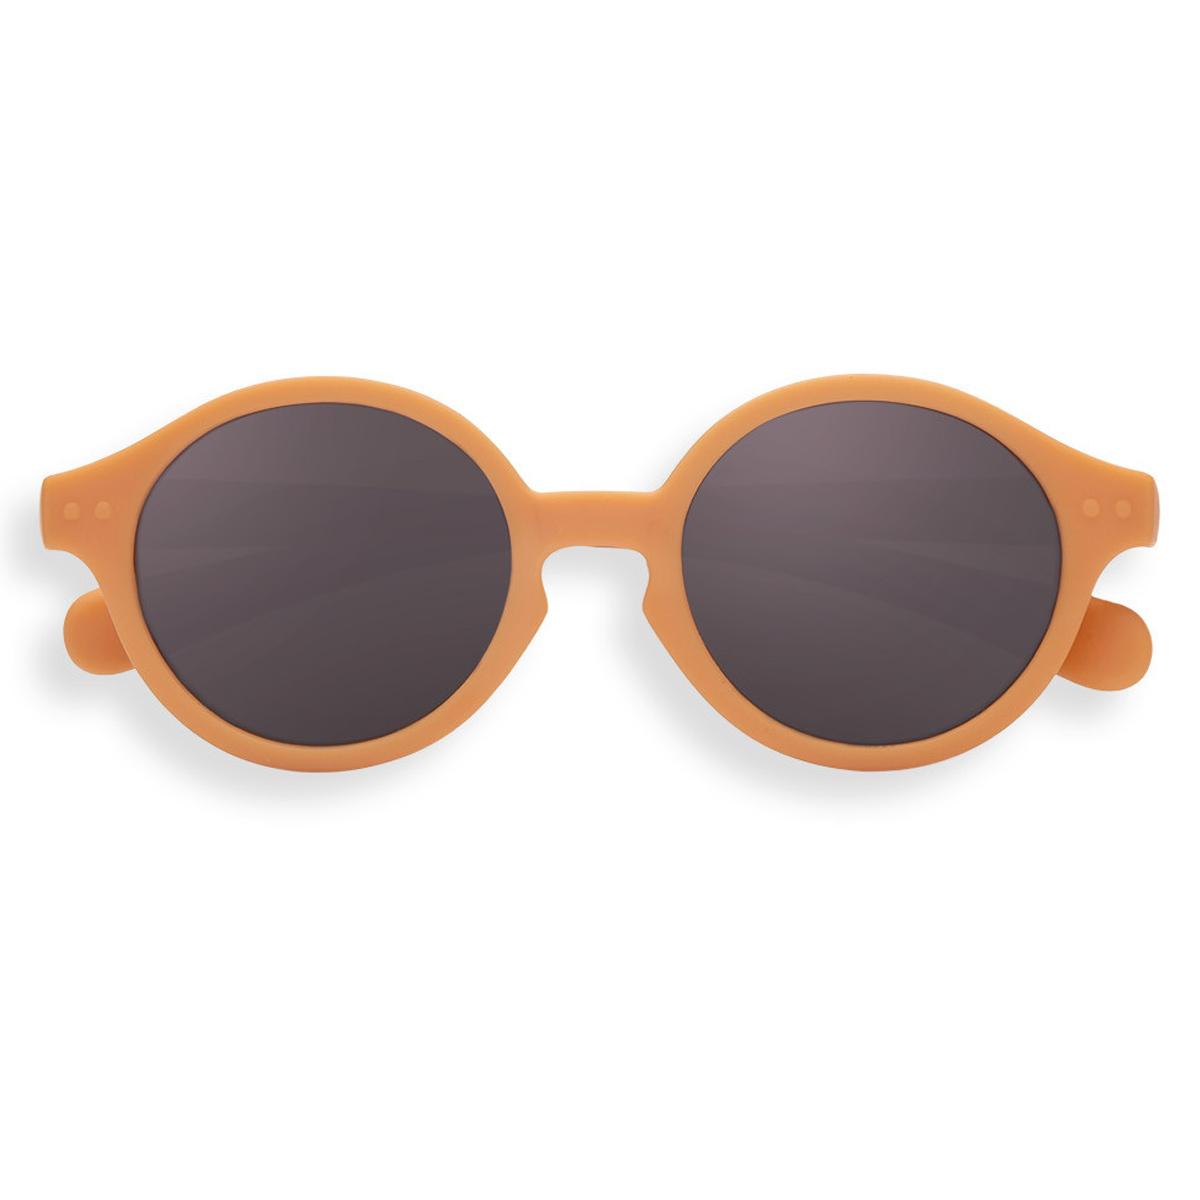 Accessoires bébé Lunettes de Soleil Sun Baby 0/12 Mois - Sunny Orange Lunettes de Soleil Sun Baby 0/12 Mois - Sunny Orange